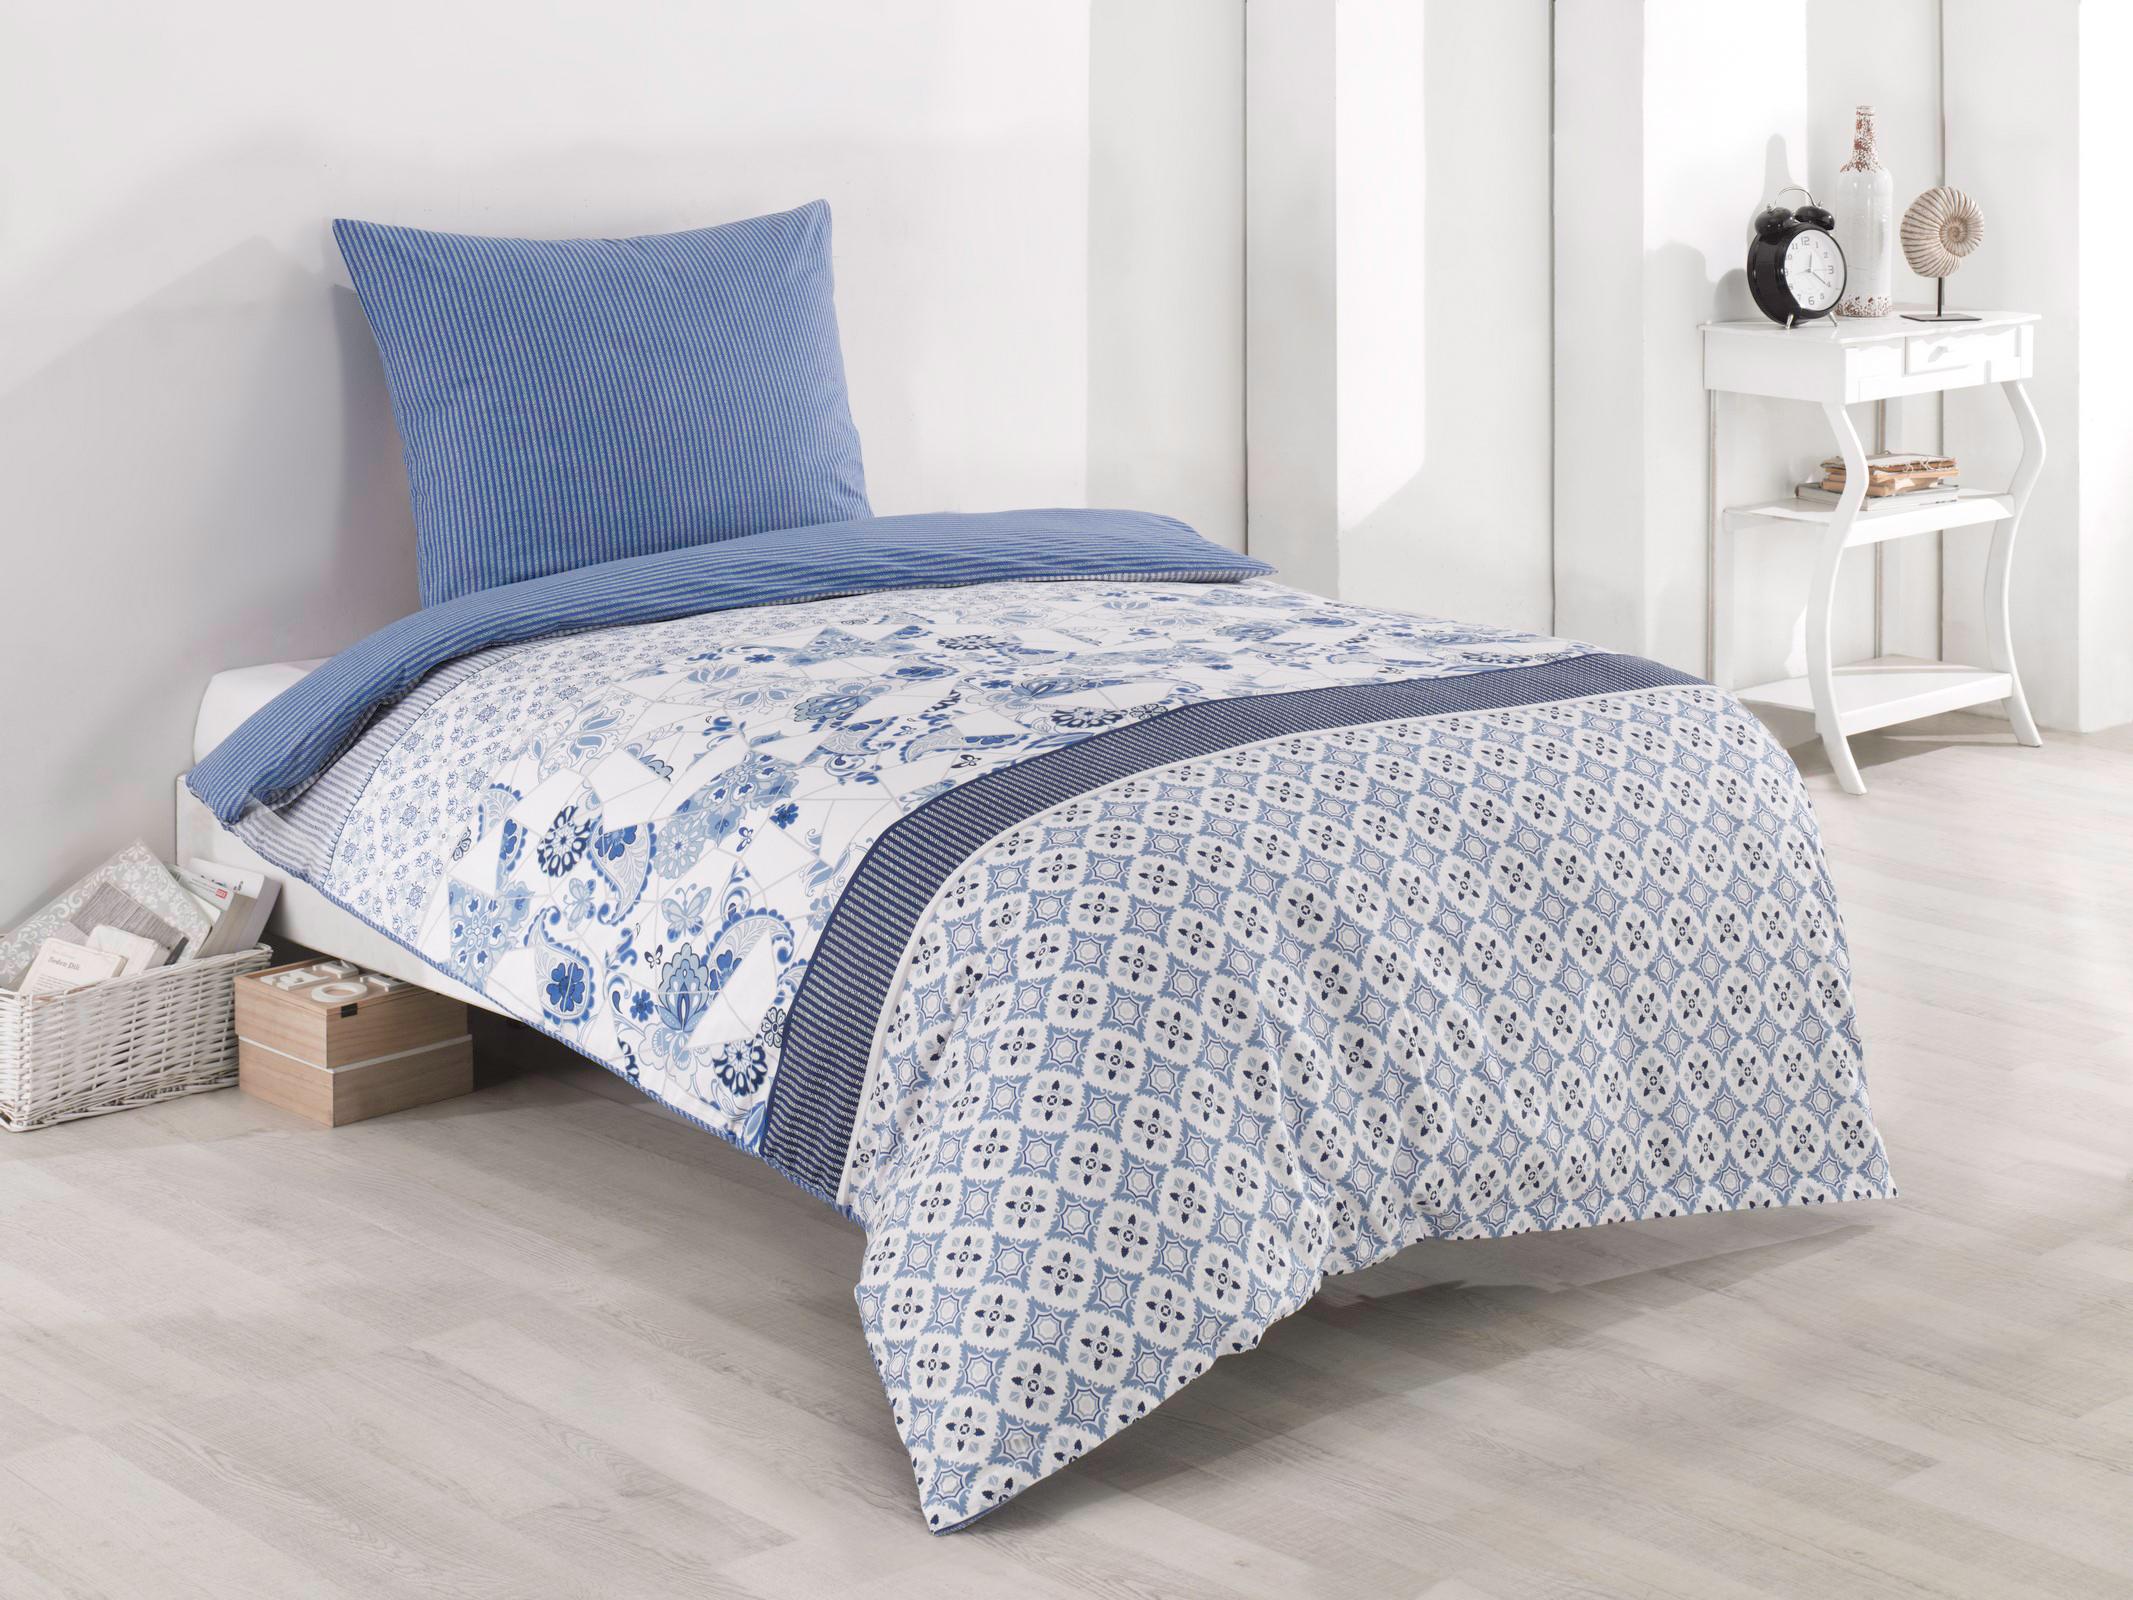 Full Size of Bettwäsche 155x220 Bettwsche 80x80 Cm Baumwolle Renforce Blau Wei Sprüche Wohnzimmer Bettwäsche 155x220